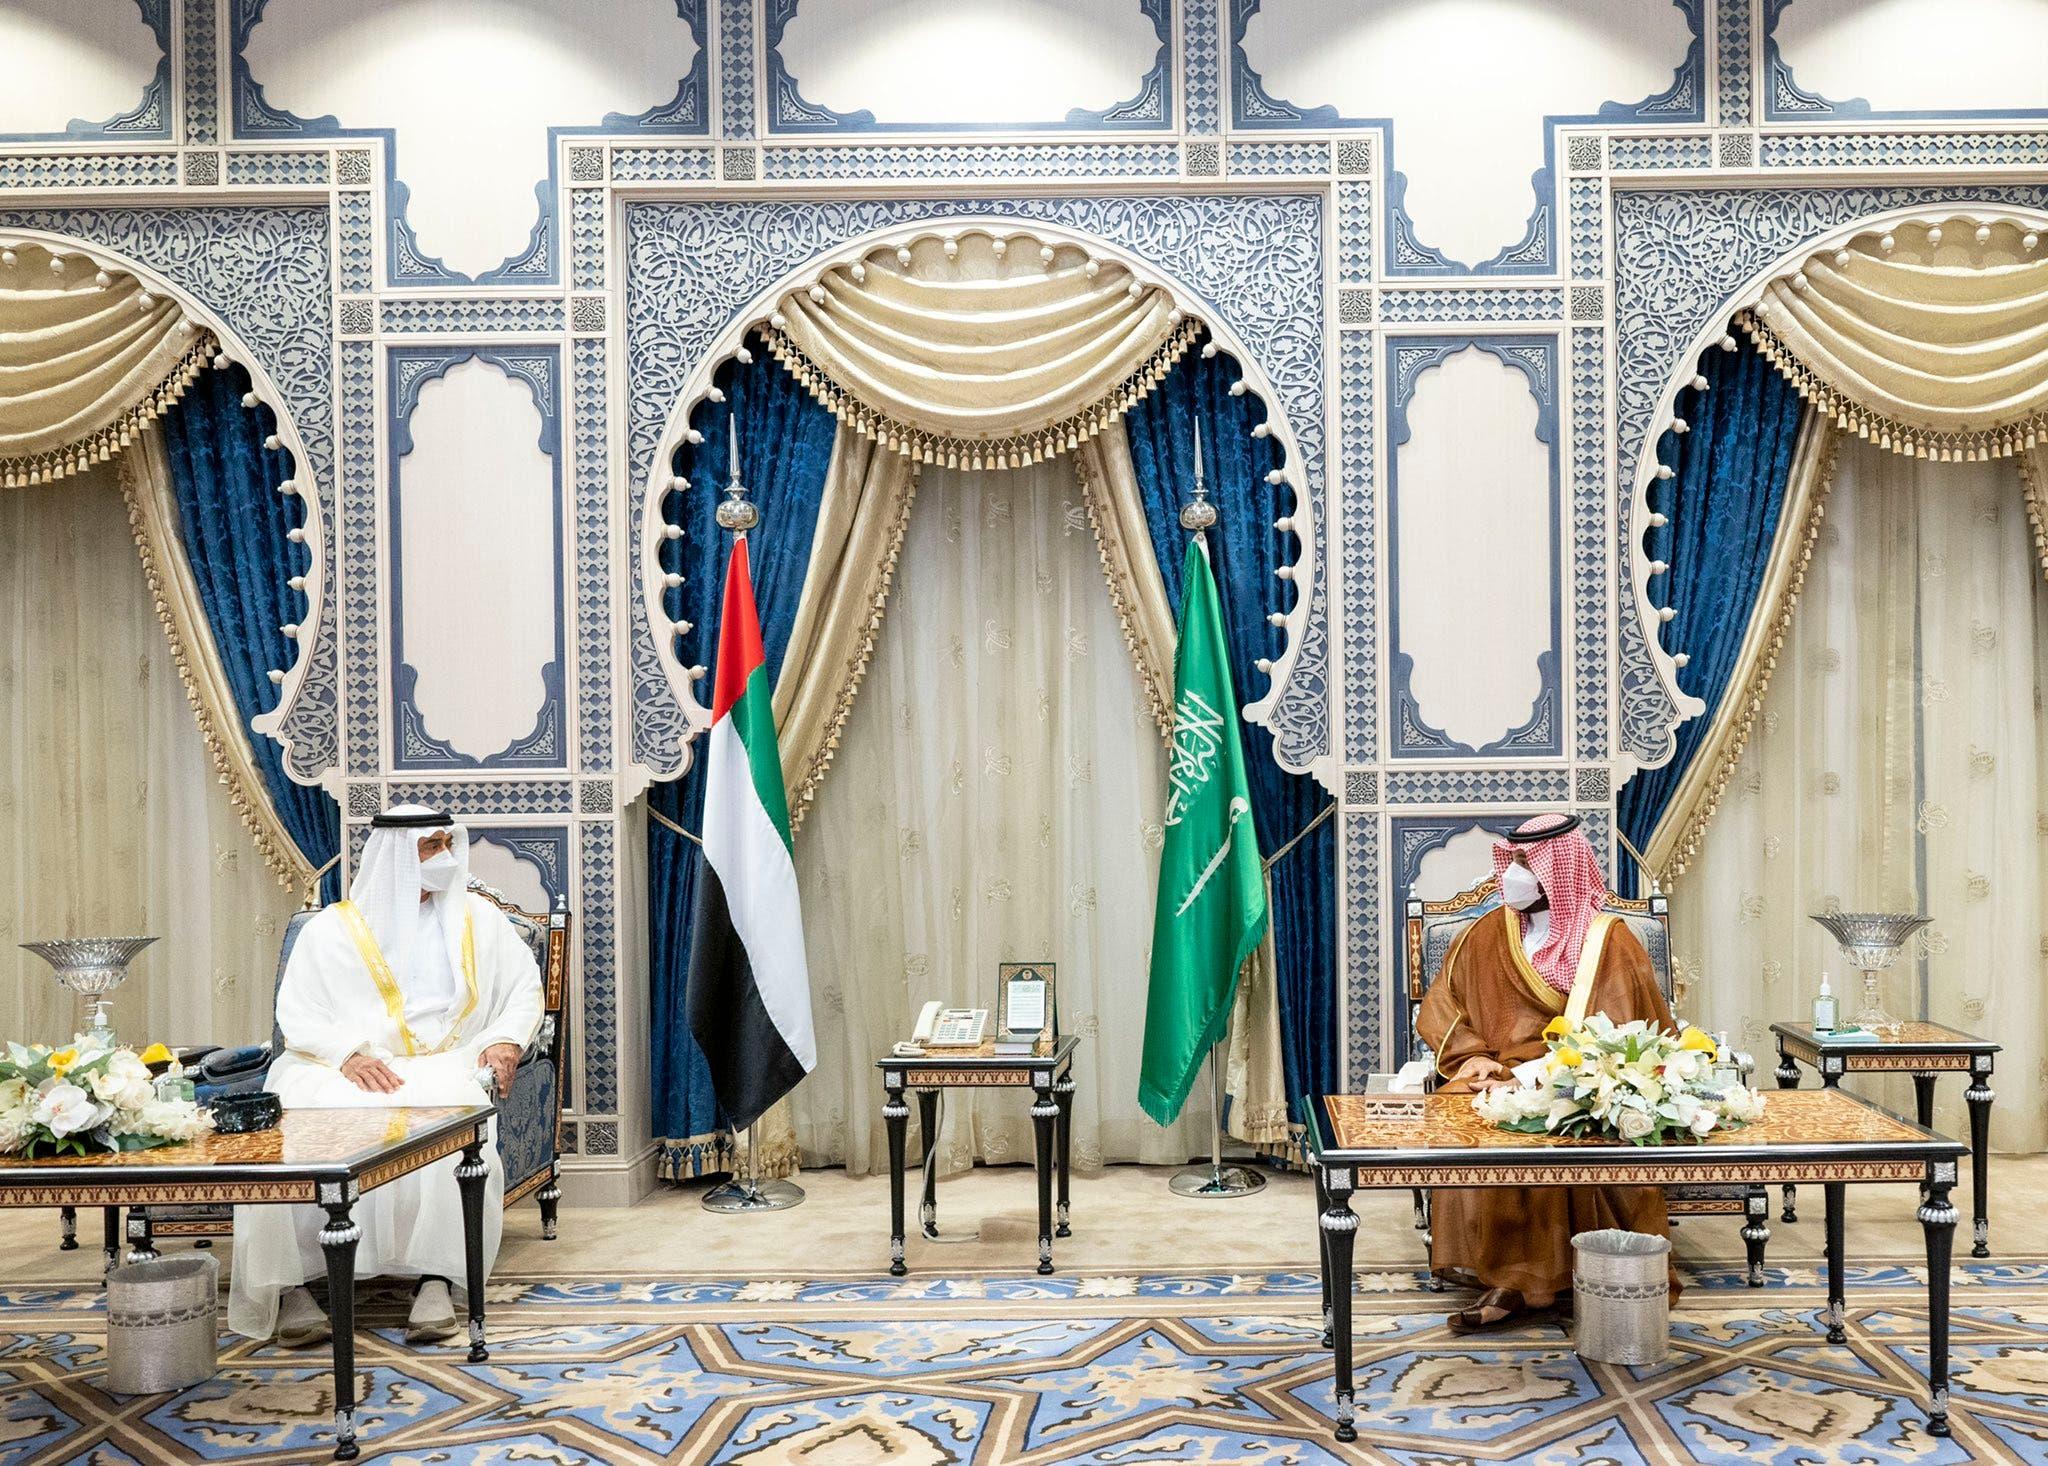 الأمير محمد بن سلمان وولي عهد أبوظبي في جدة